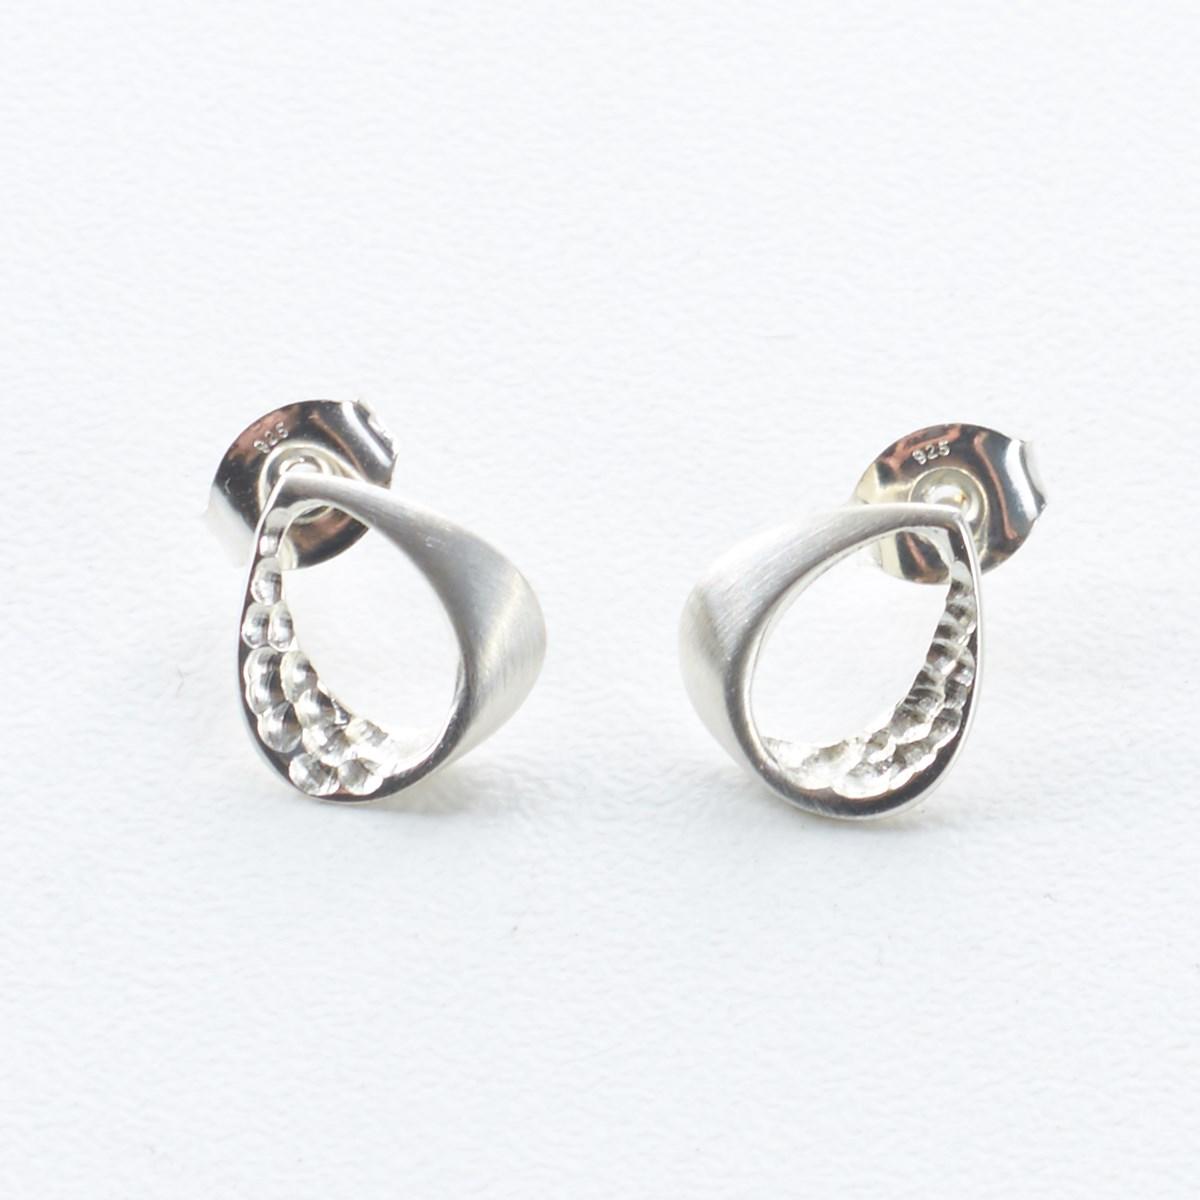 70d7b92b6 Sterling Silver Trendy Twirls Earrings by Ortak - The Kilt Store